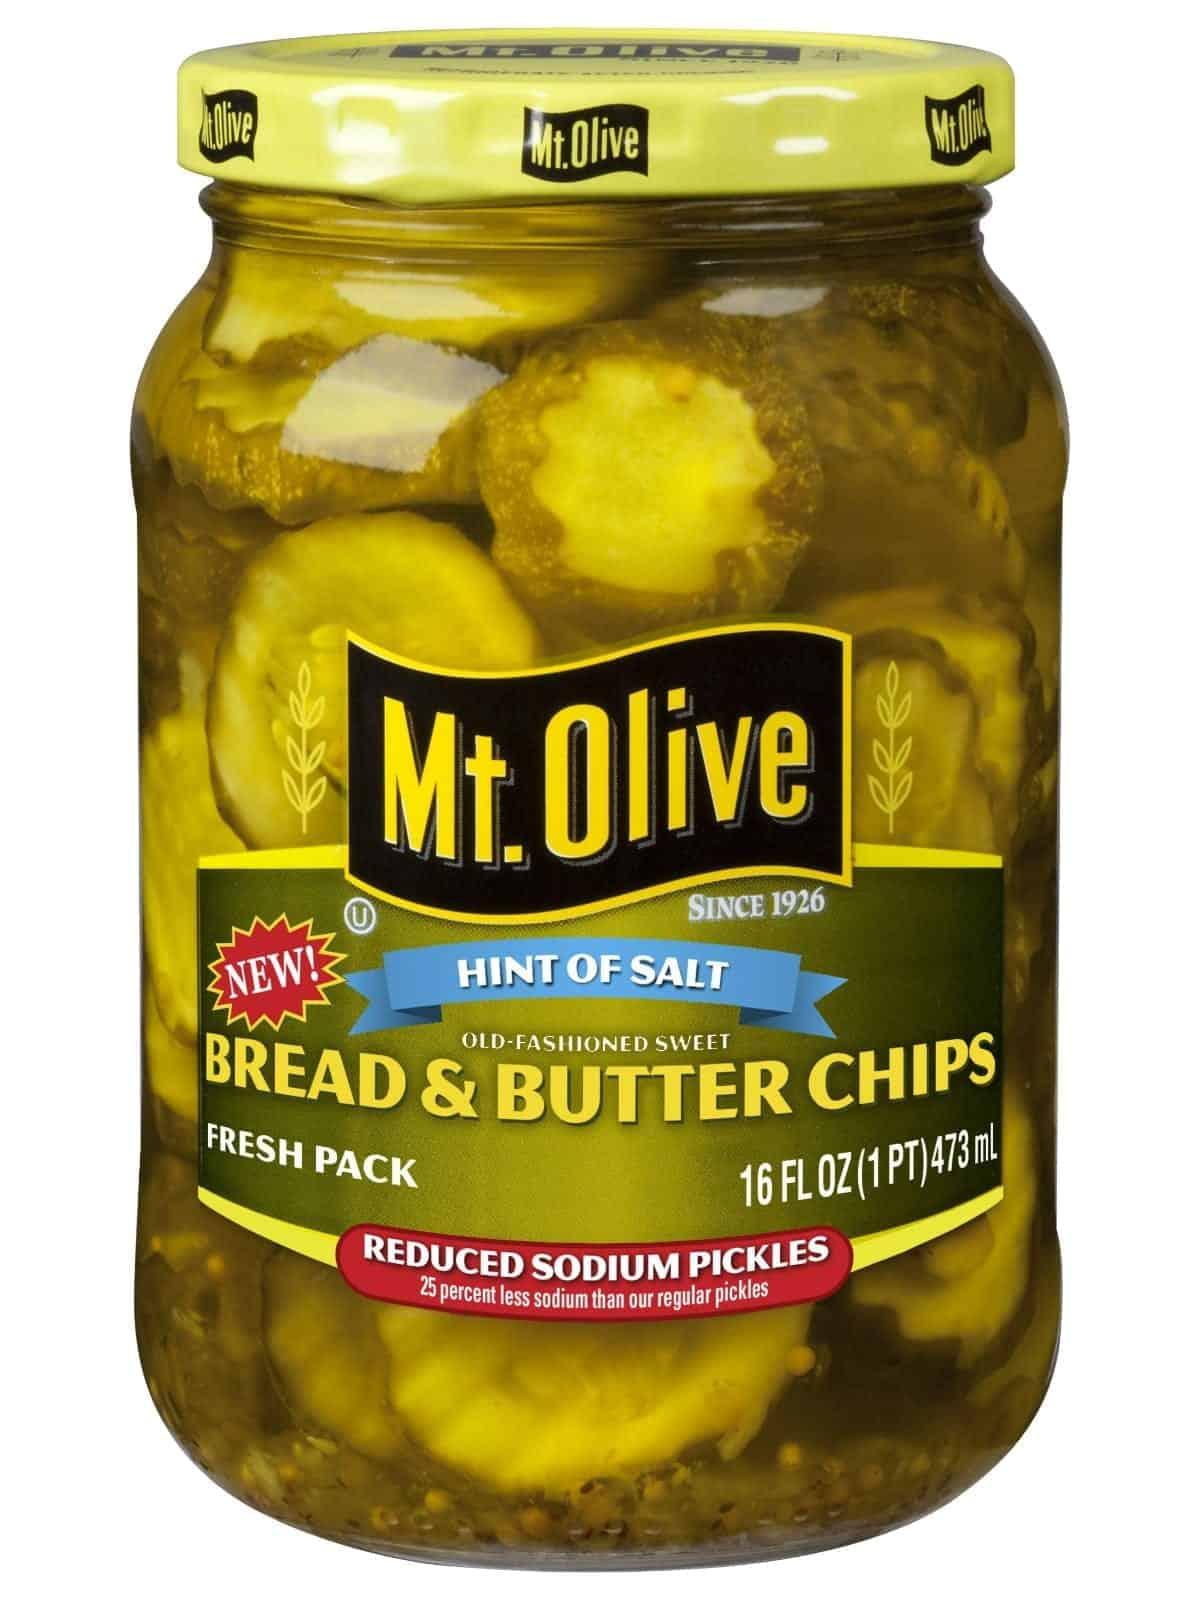 Hint of Salt Bread & Butter Chips